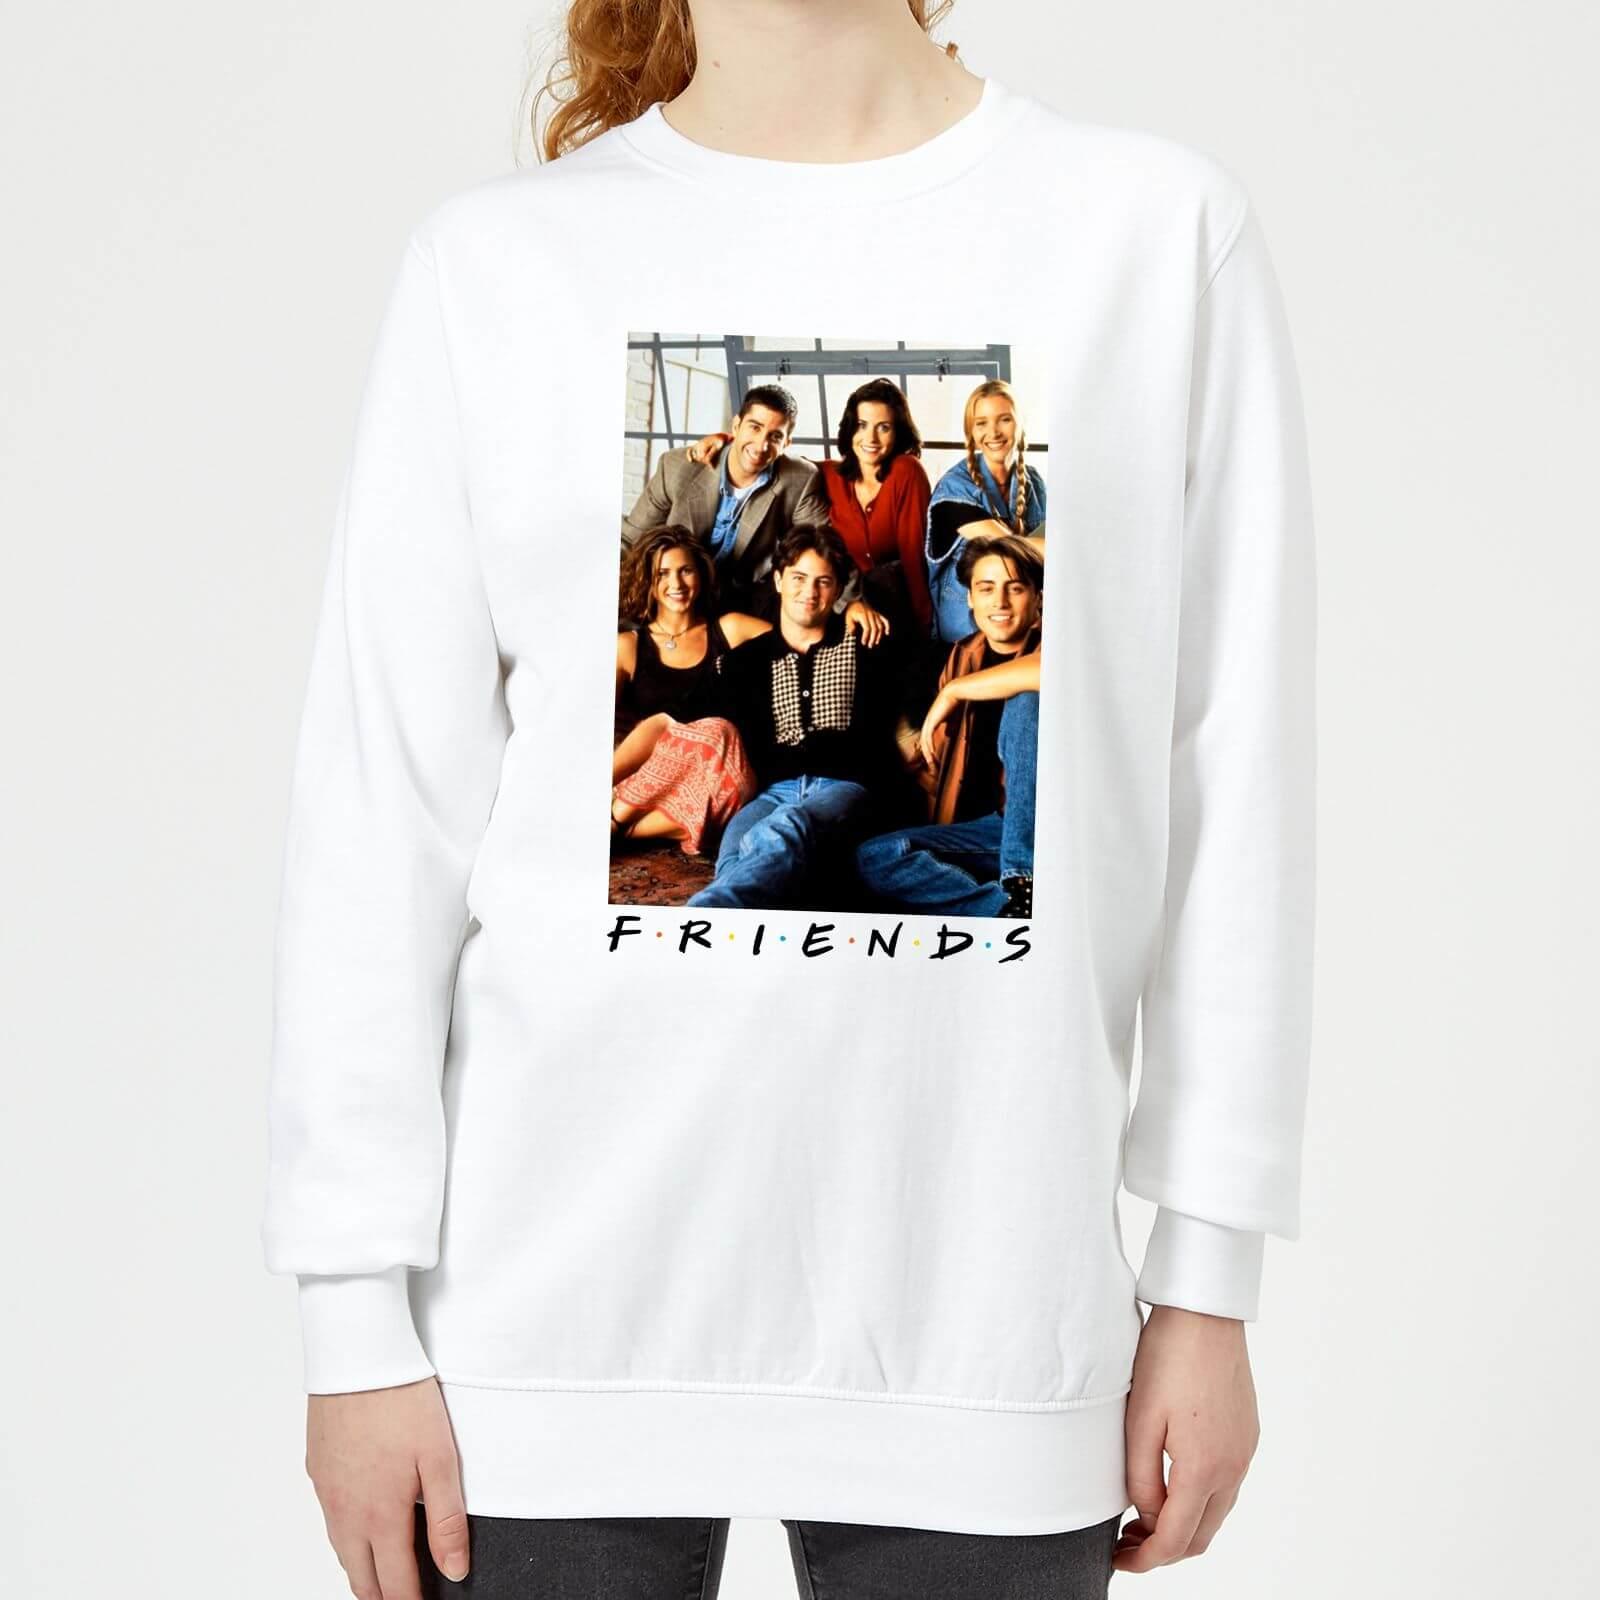 Friends Group Photo Women's Sweatshirt - White - M - White